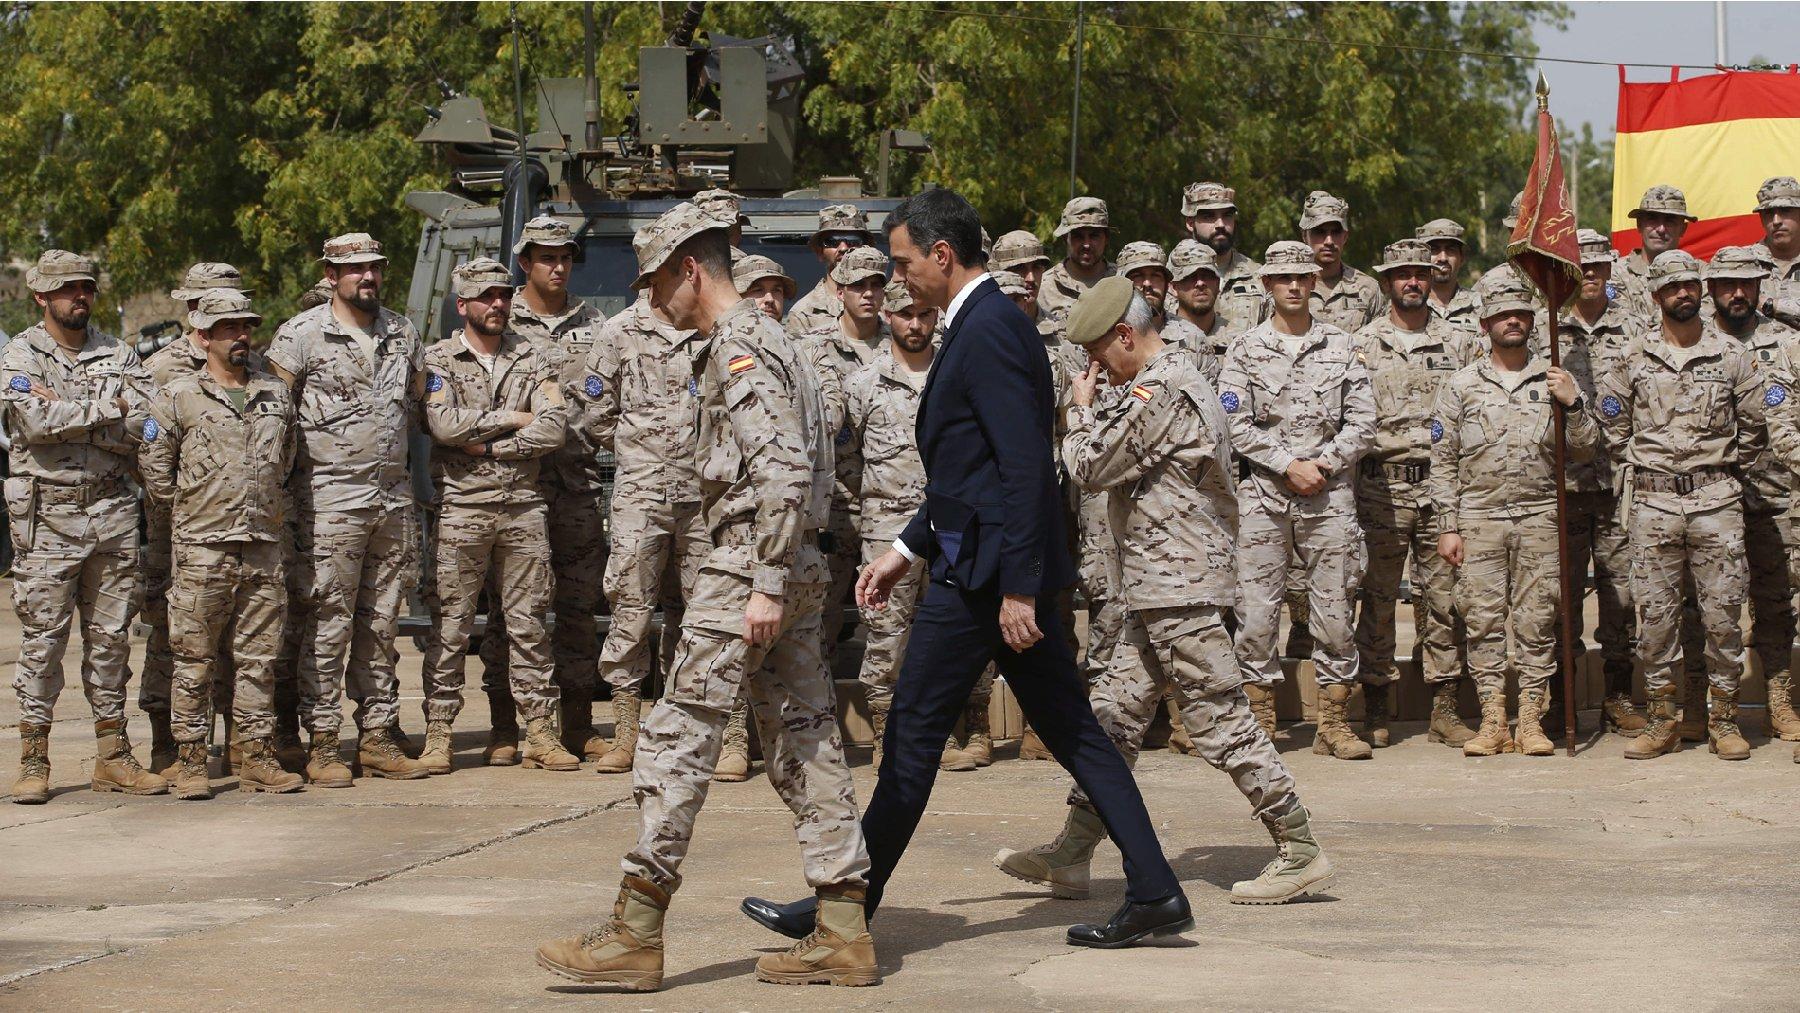 Pedro Sánchez en una visita a las tropas en Mali en 2018. (Foto: EFE)